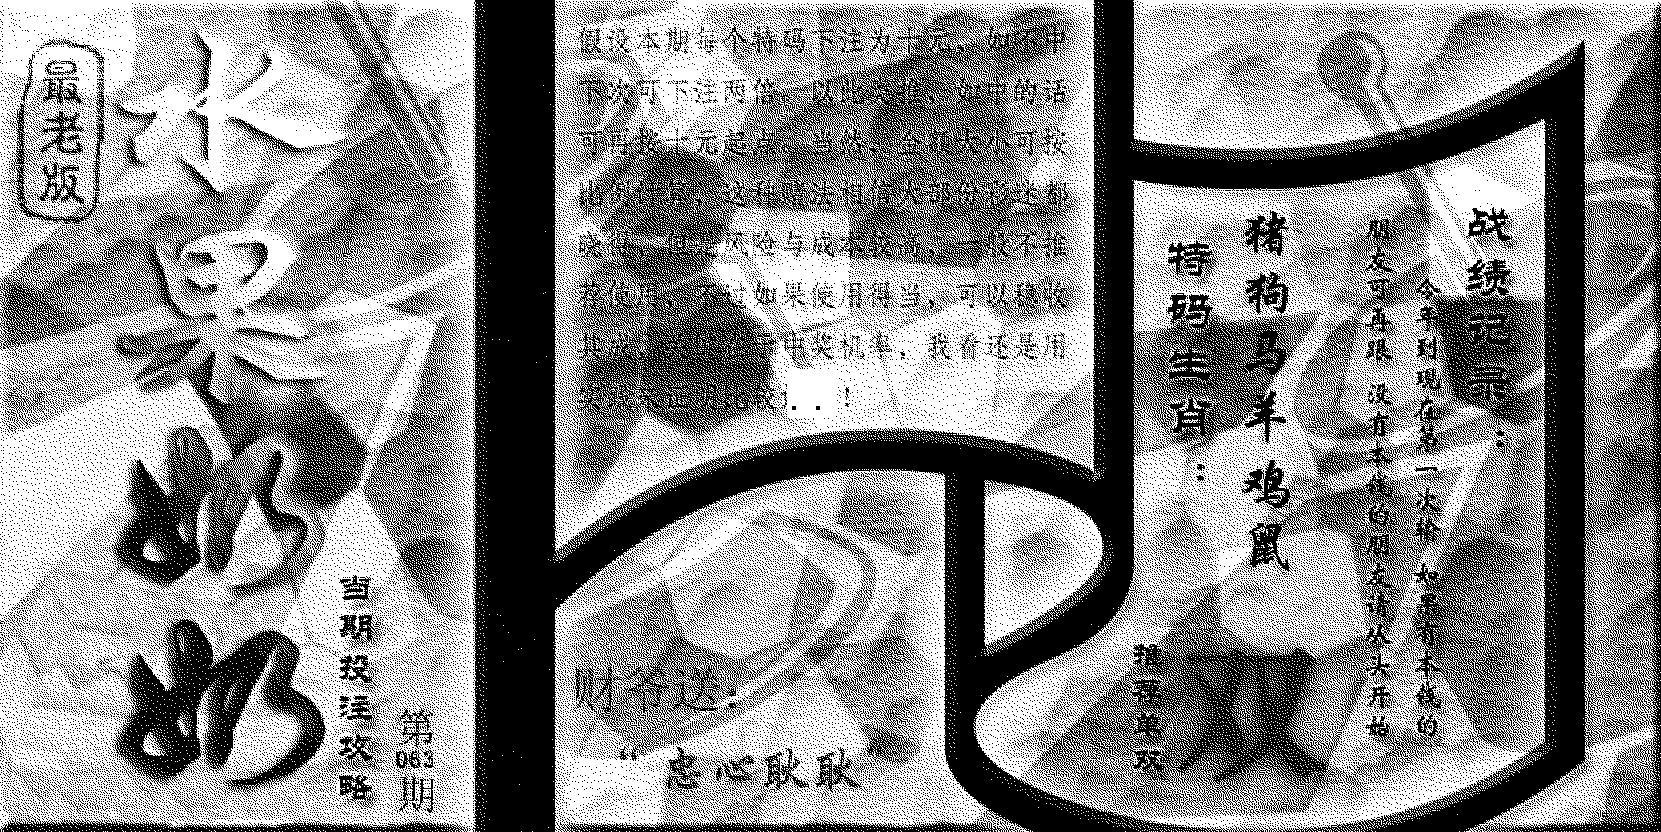 063期(九龙单双攻略)老版(黑白)